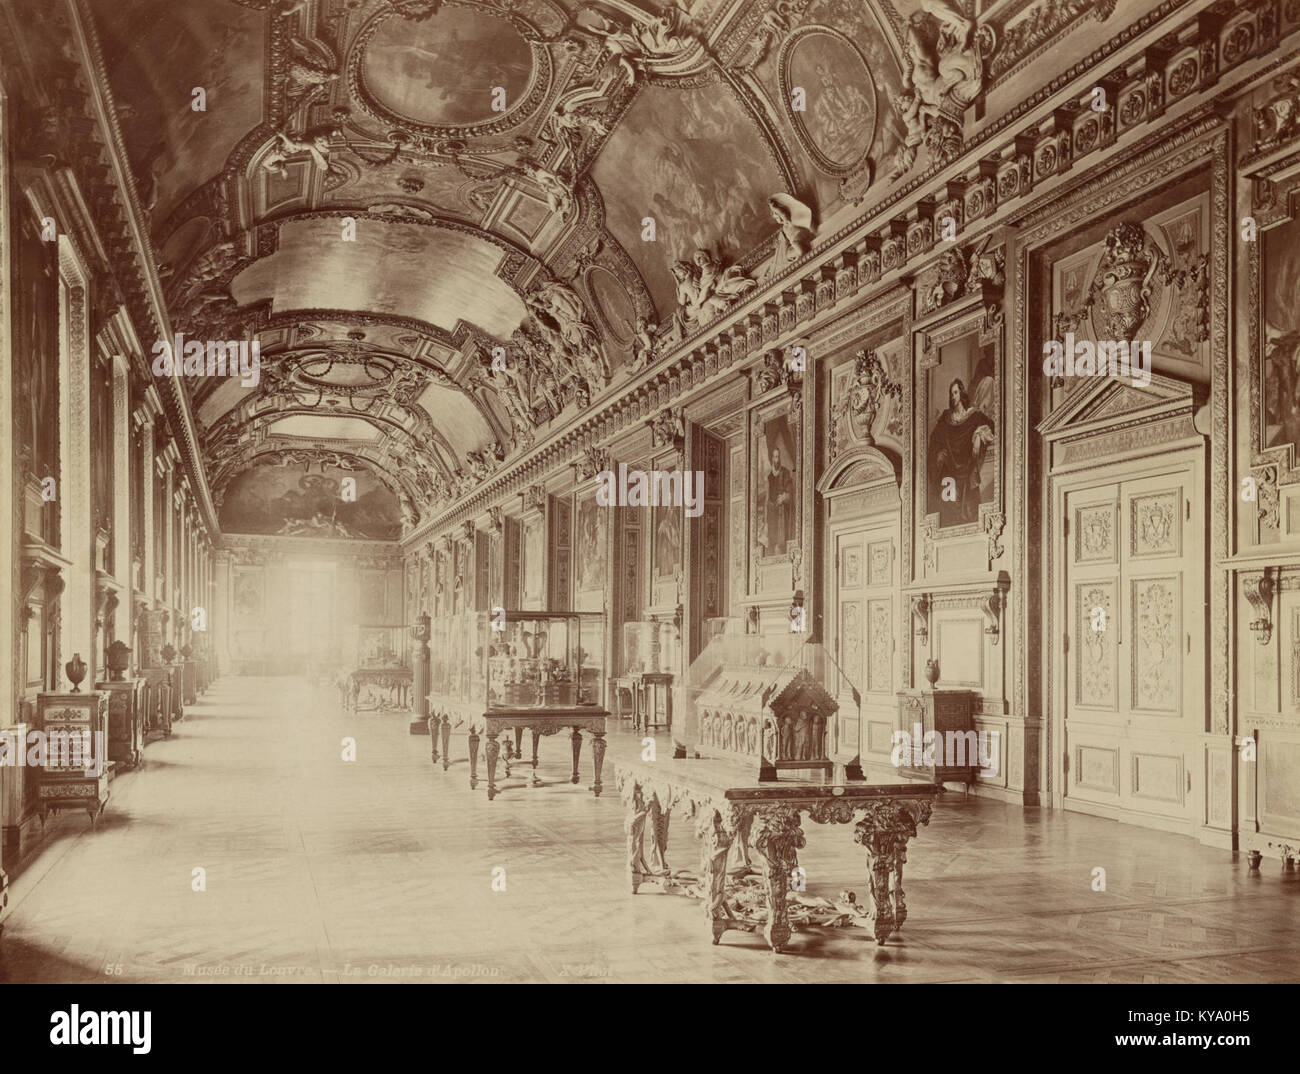 Musée du Louvre - La Galerie d'Apollon - Stock Image